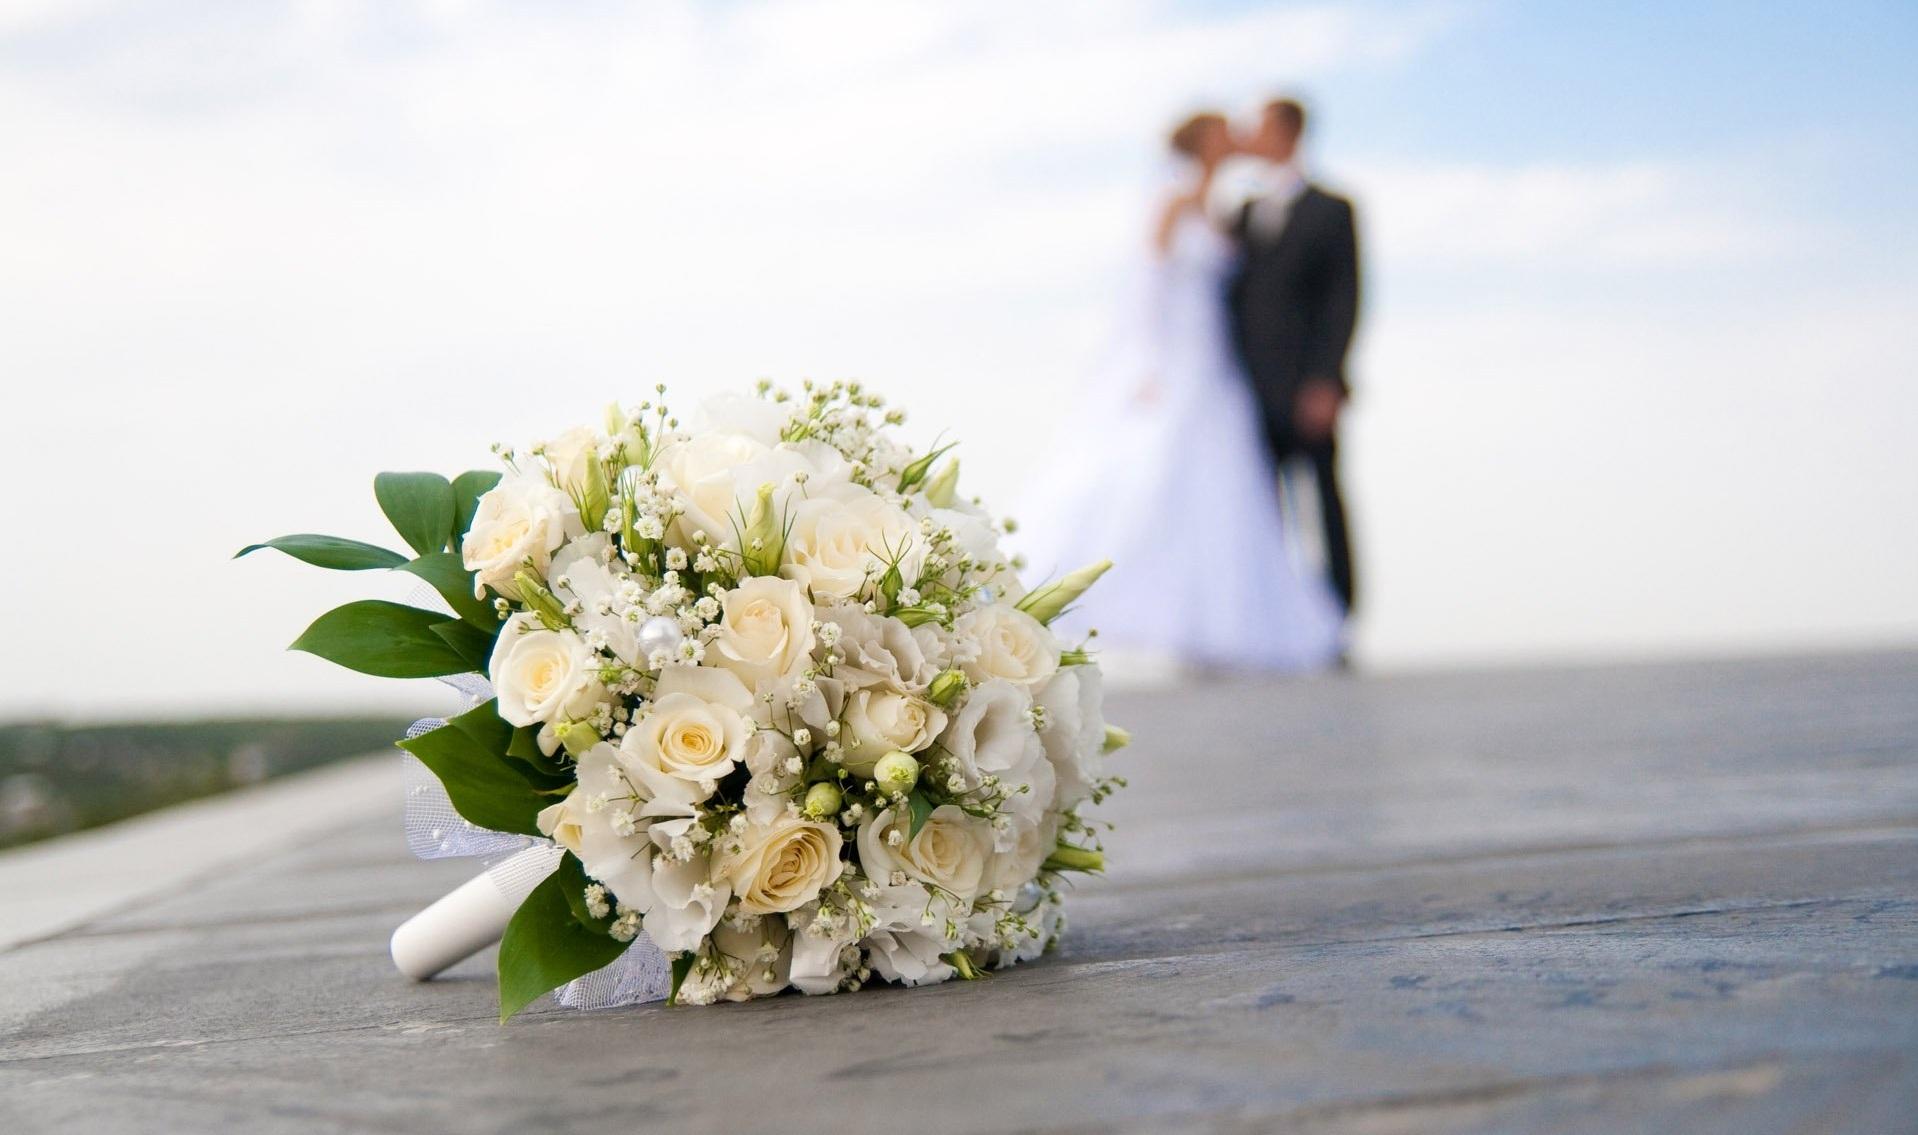 Több mint ezer embert hívtak meg Eugénia hercegnő októberi esküvőjére